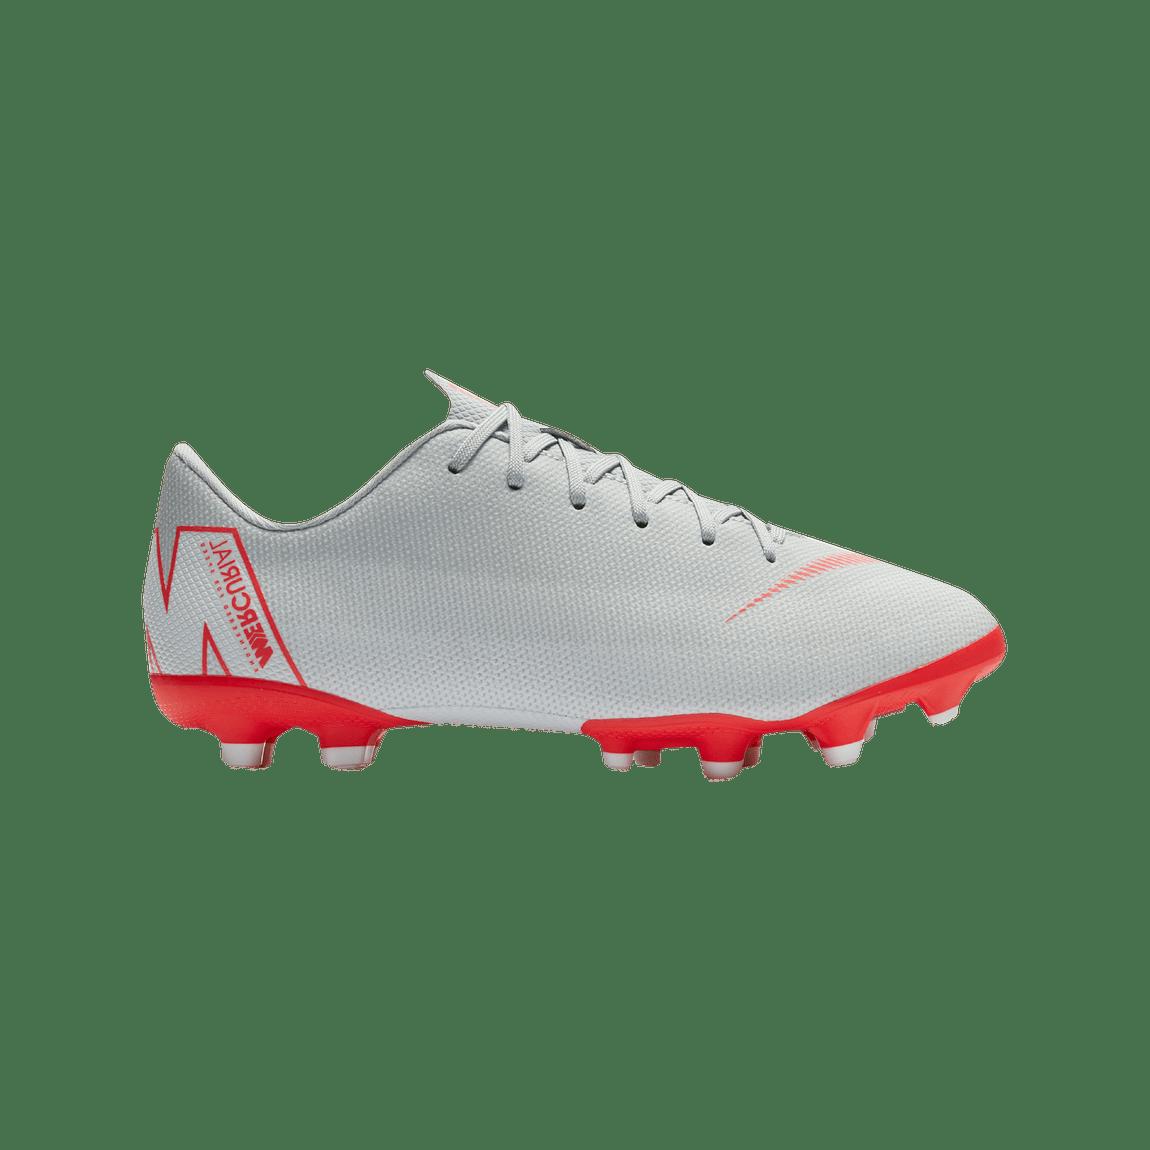 Niño Futbol Zapato Mercurial Martimx Xii Nike Academy Vapor Mg bf76yIYgv